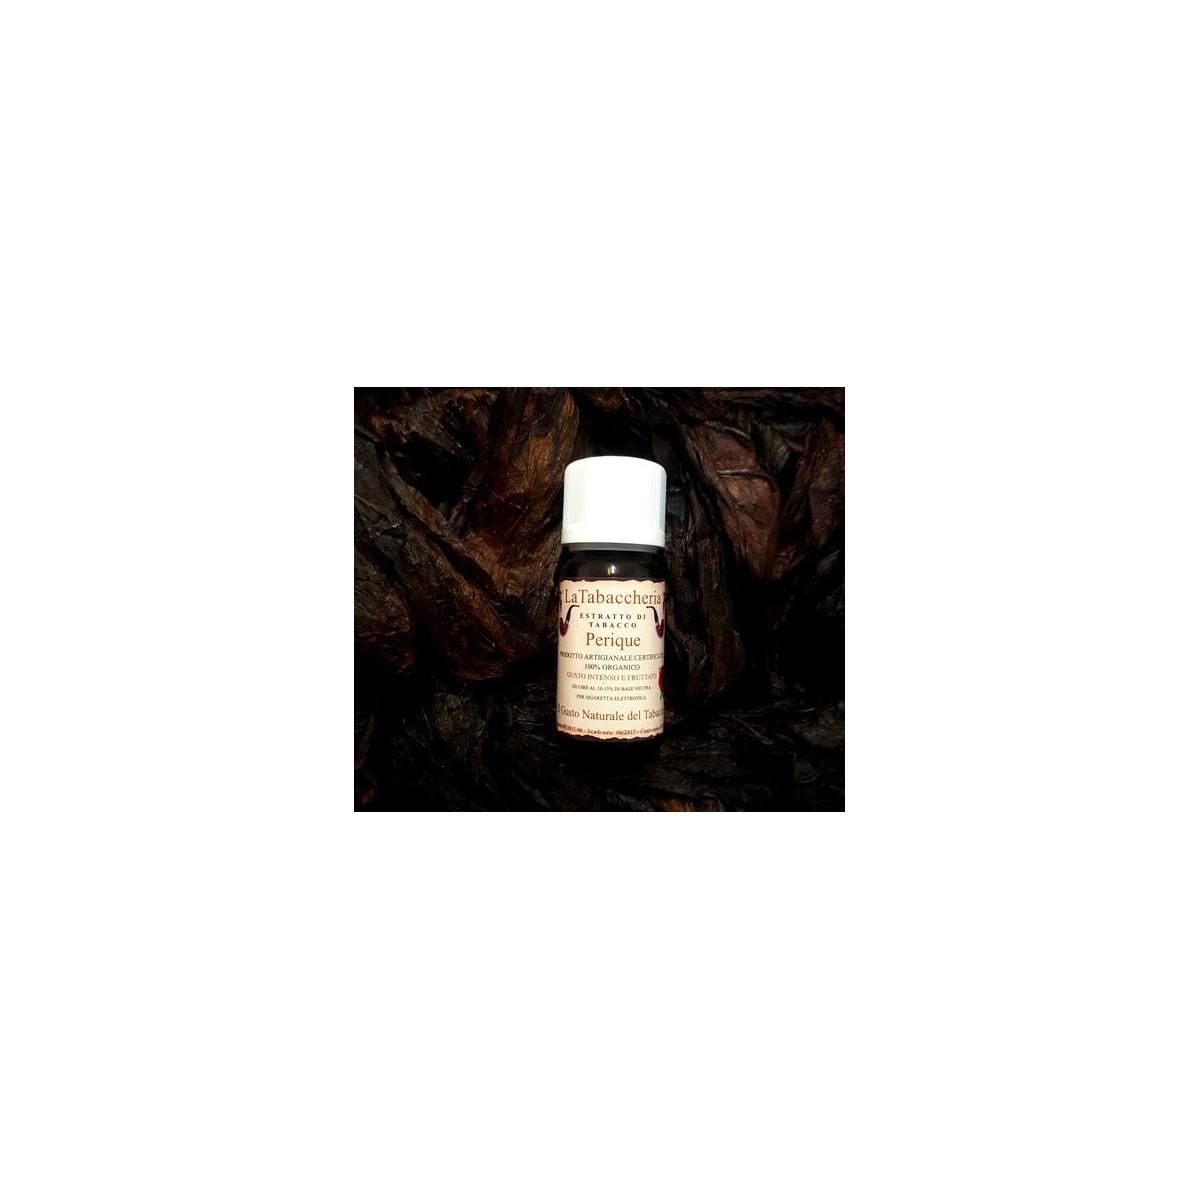 Estratto di Tabacco Perique - La Tabaccheria